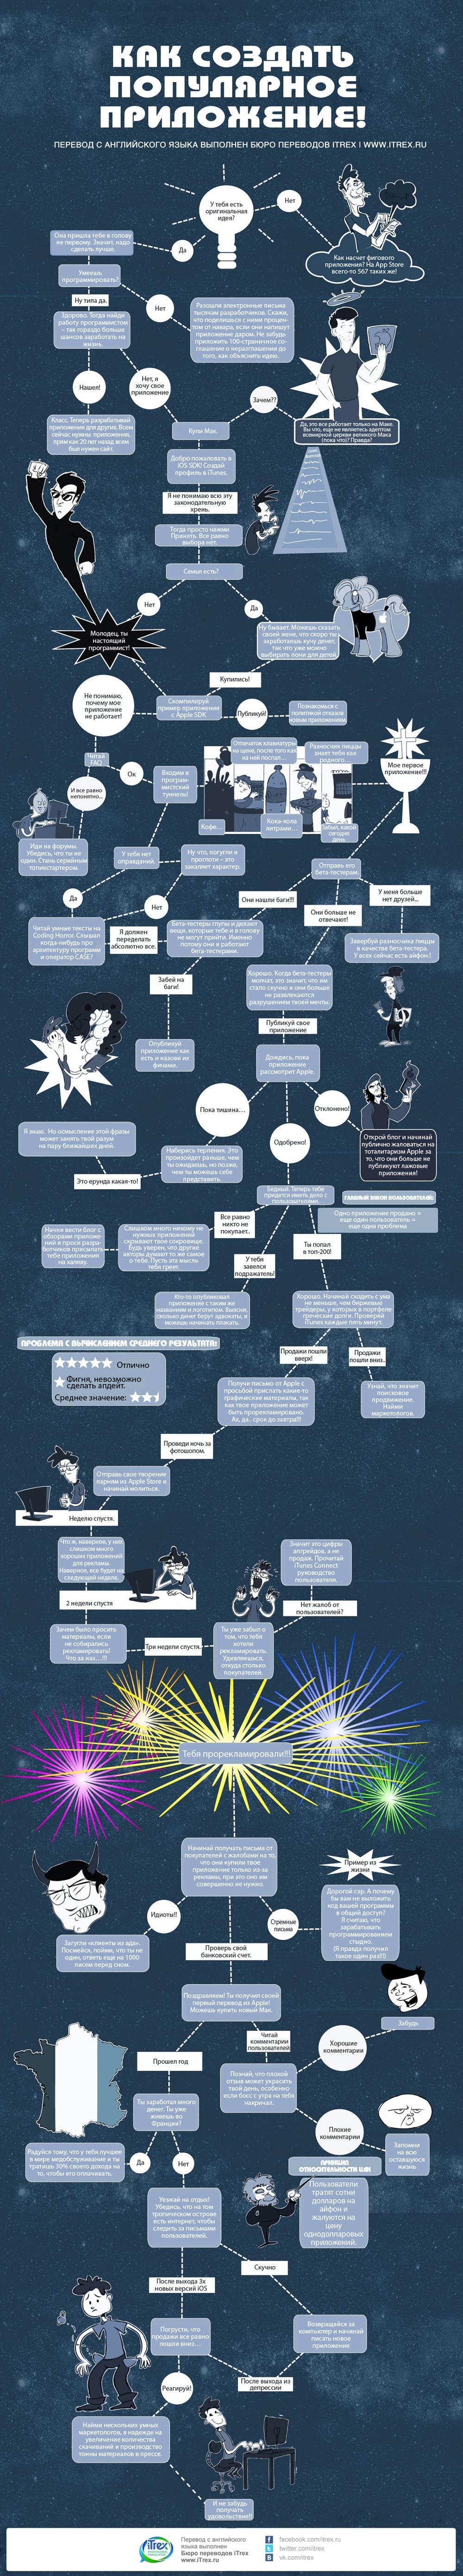 Инфографика: как создать популярное приложение